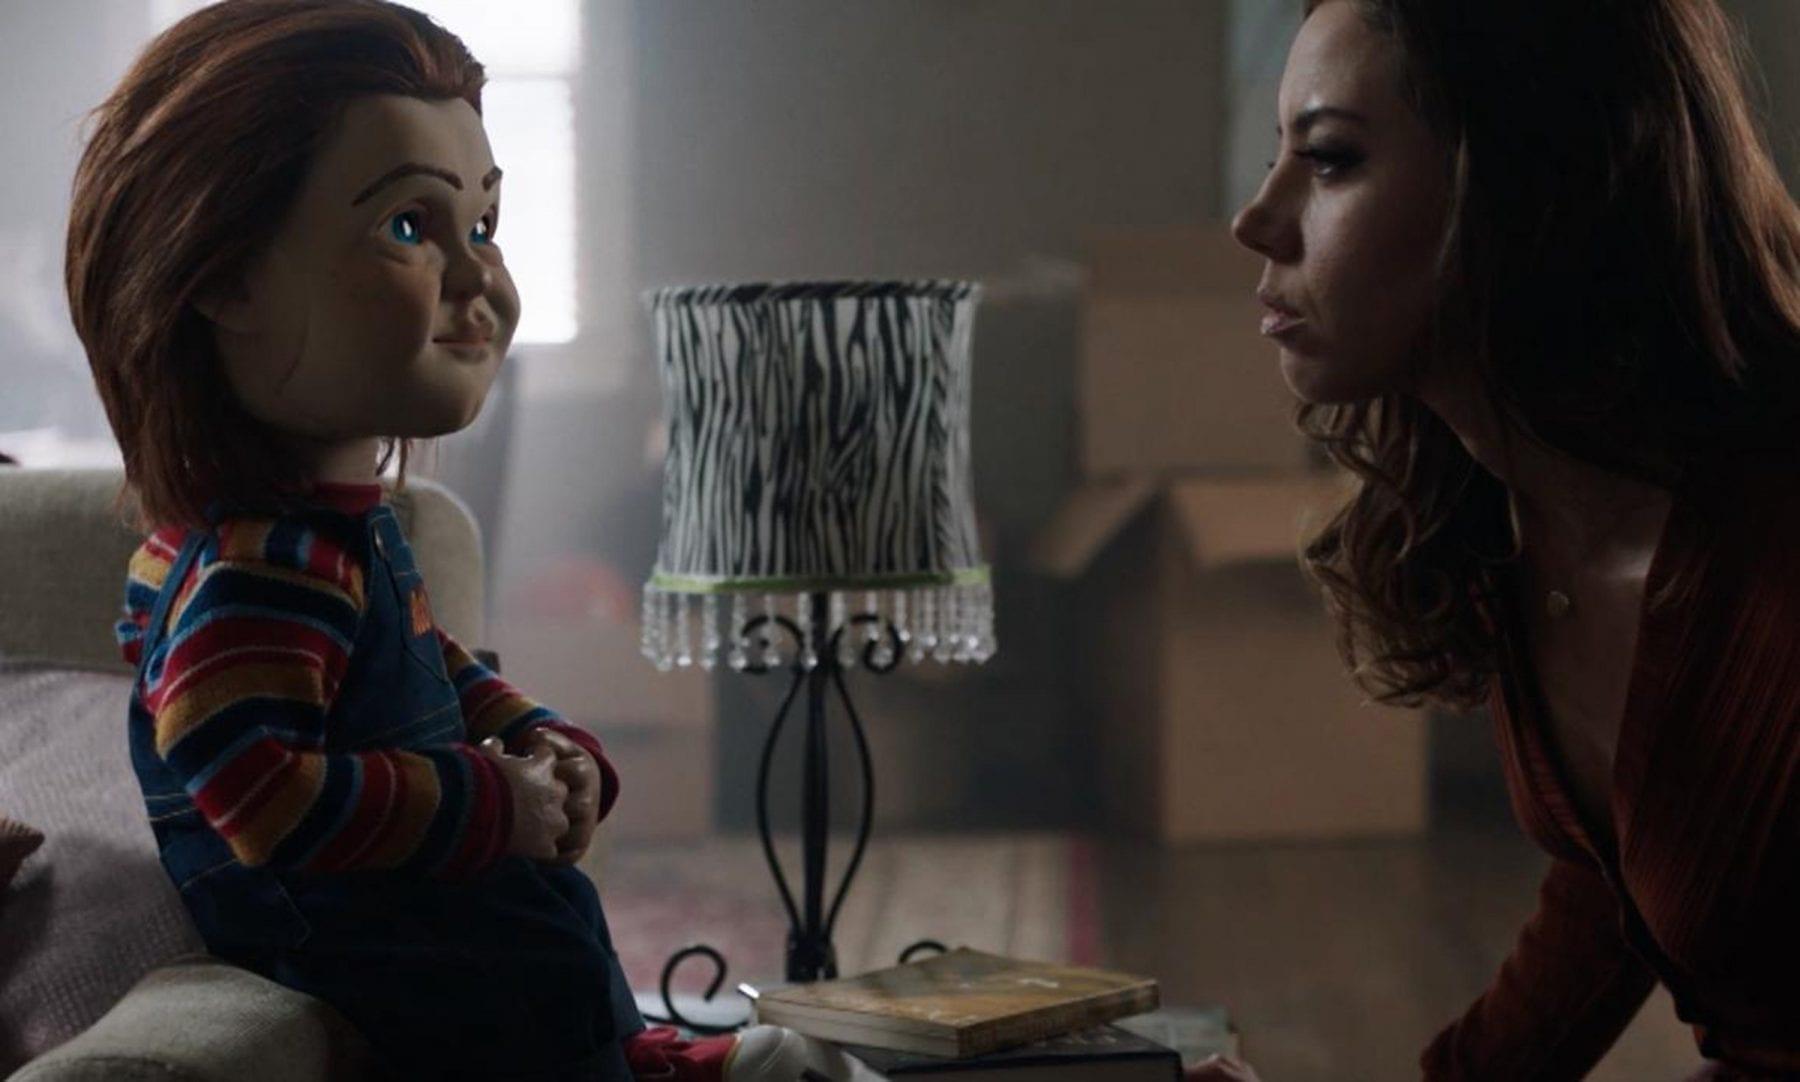 Karen Barclay (Aubrey Plaza) observes Chucky (voiced by Mark Hamill).